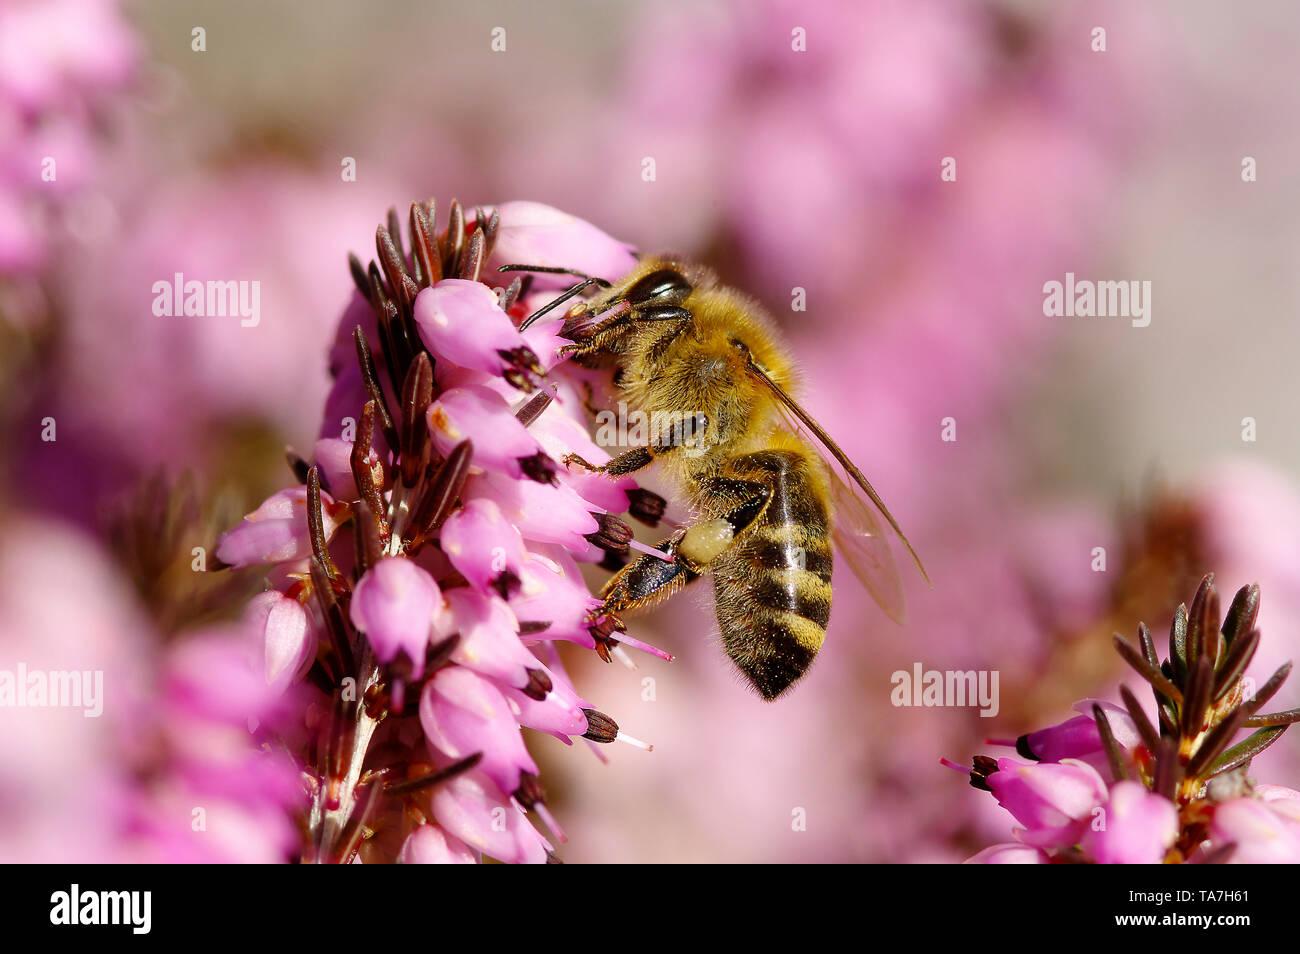 Miel de abejas (Apis mellifica Apis mellifera). Trabajador en invierno la nieve Heath, brezo (Erica carnea) flores. Alemania Foto de stock